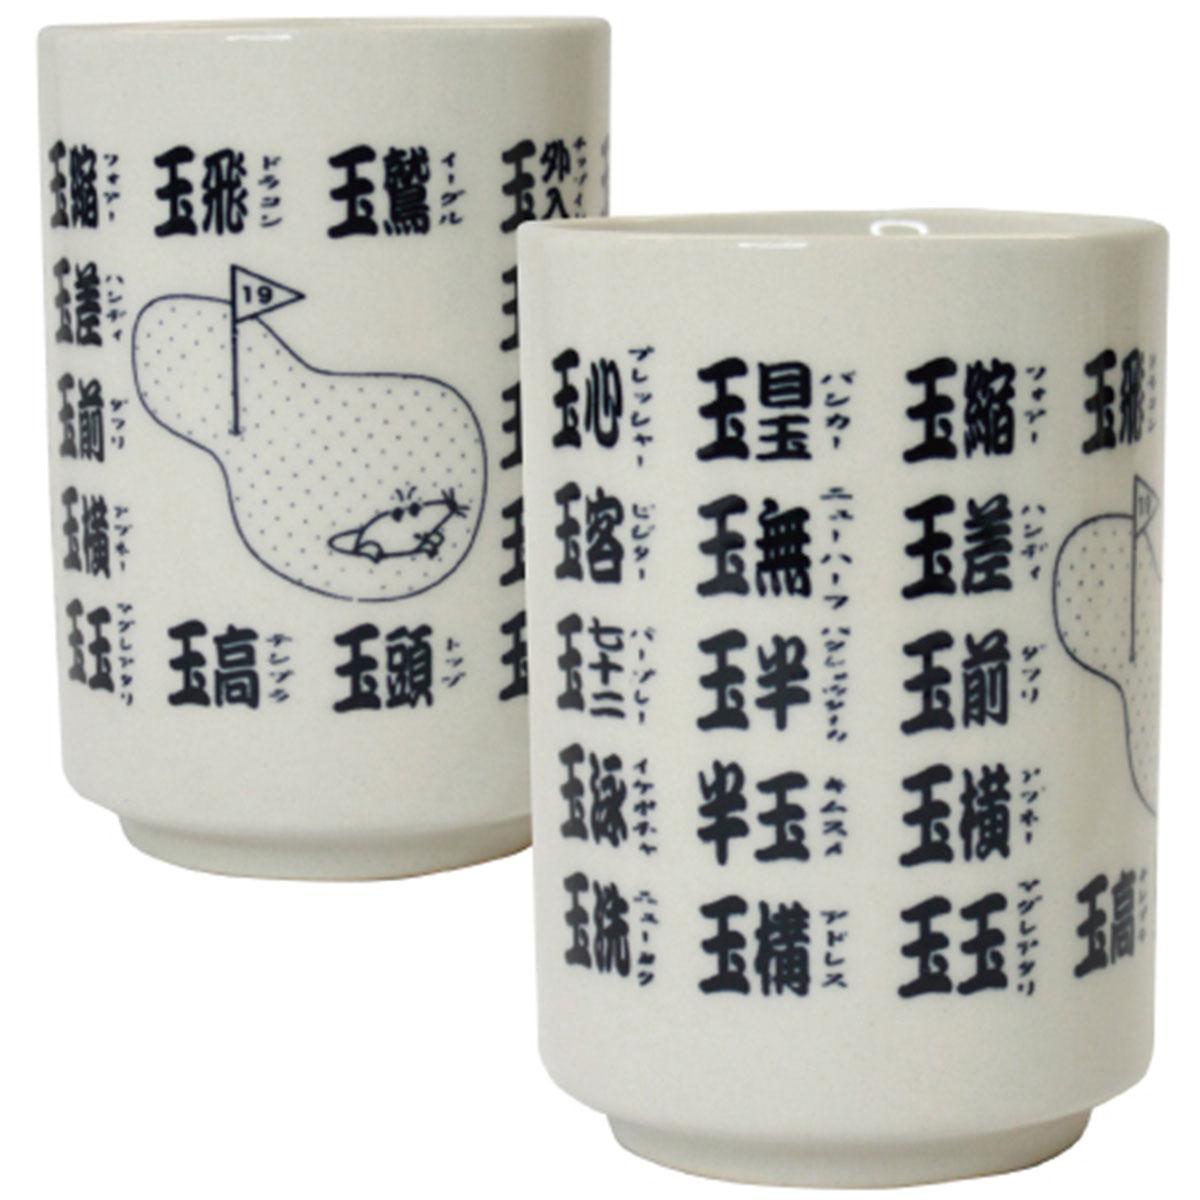 ゴルフ湯呑み(漢字)